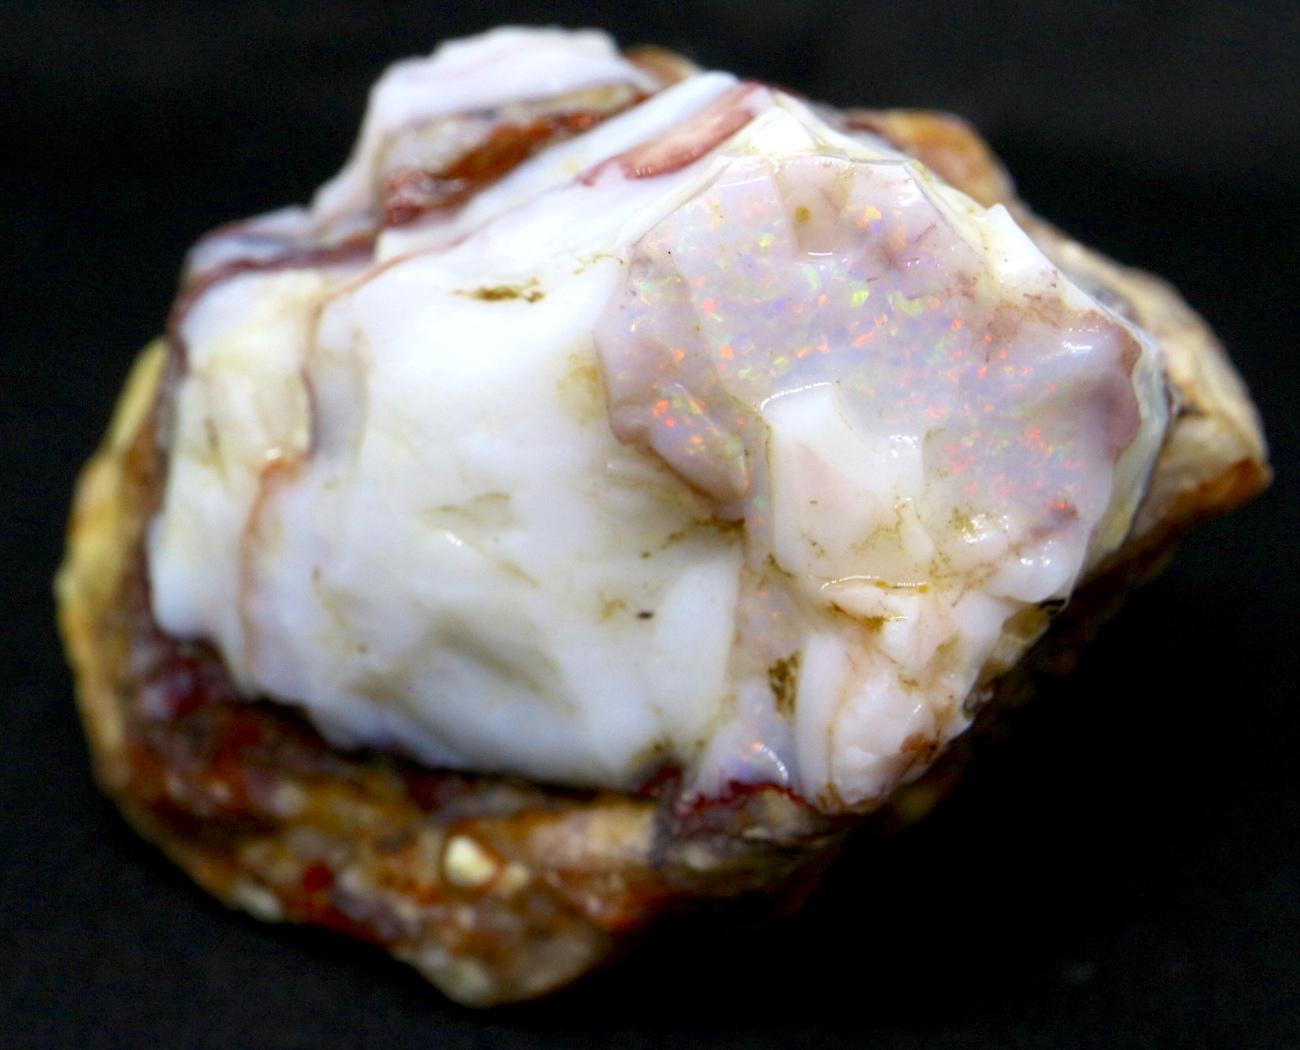 スペンサーオパール アイダホ産 58,2g SCO035 原石 鉱物 天然石 パワーストーン